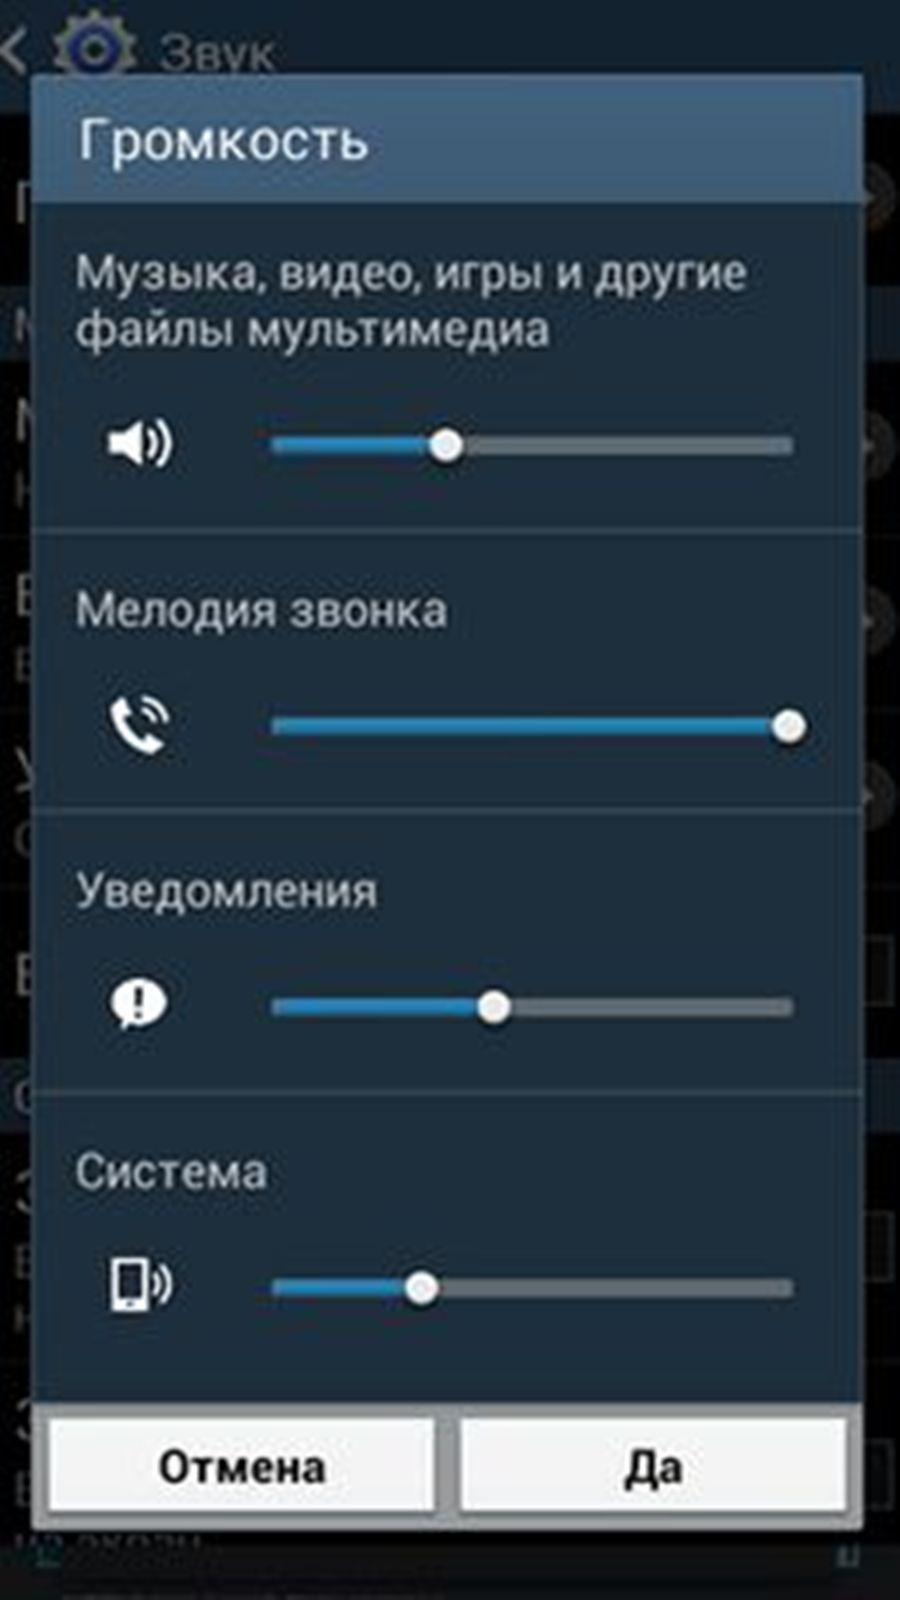 Прошивка динамика на андроид  Android от А до Я: Увеличиваем